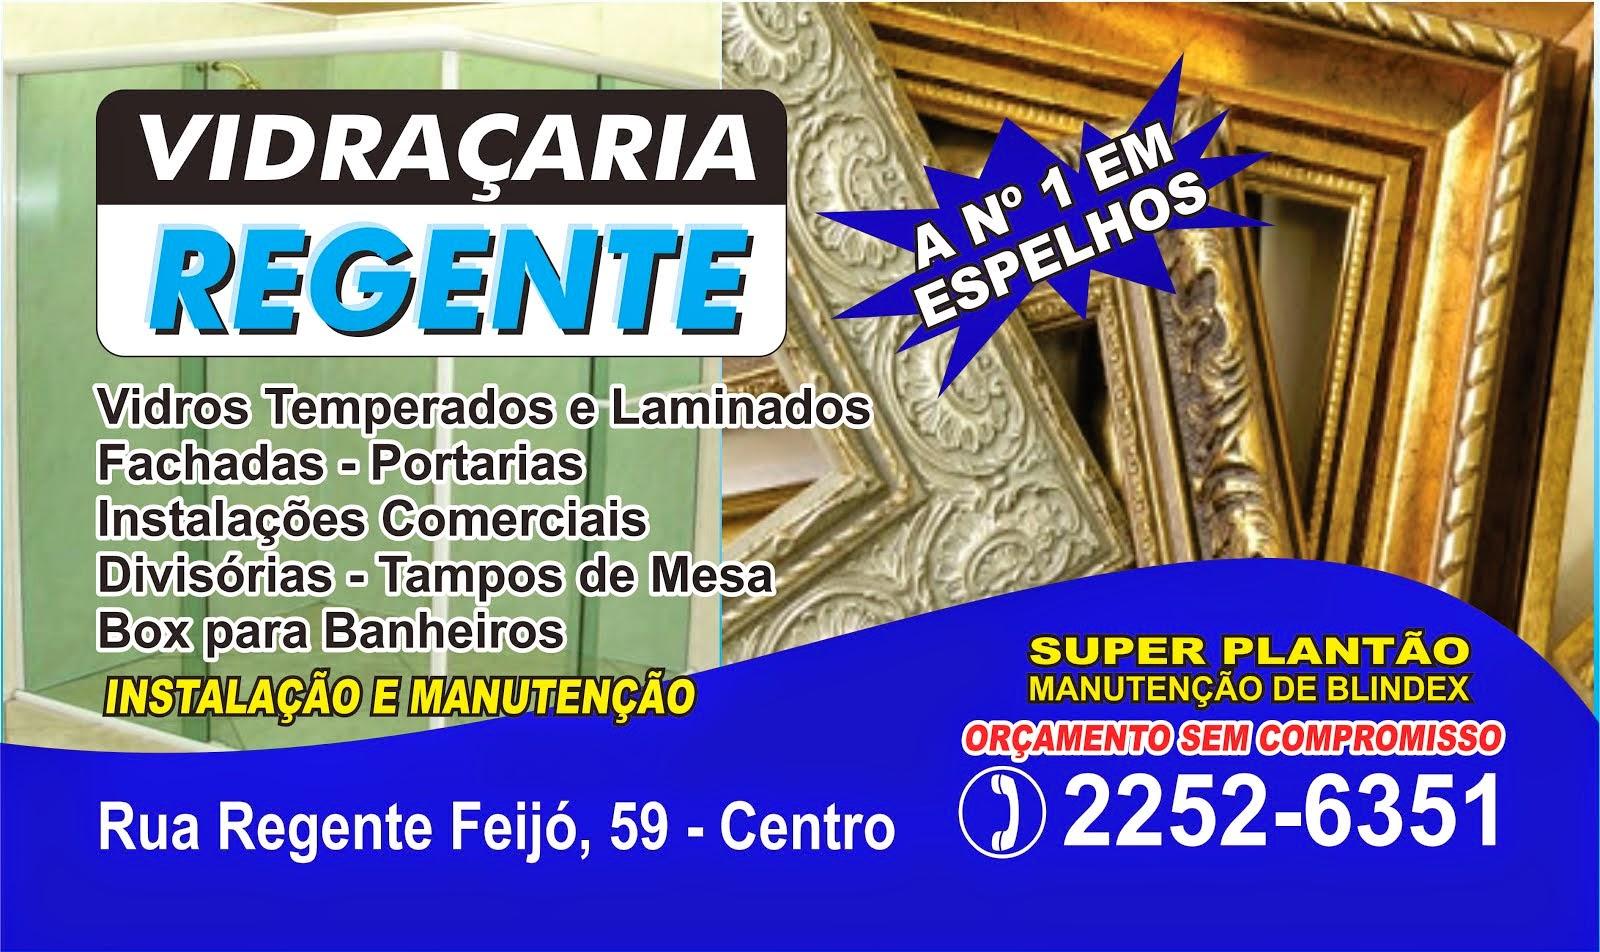 #140FBC Box Para Banheiro Janelas e Portas de Vidro Temperado RJ 350 Janelas De Vidro Temperado Preço Rj